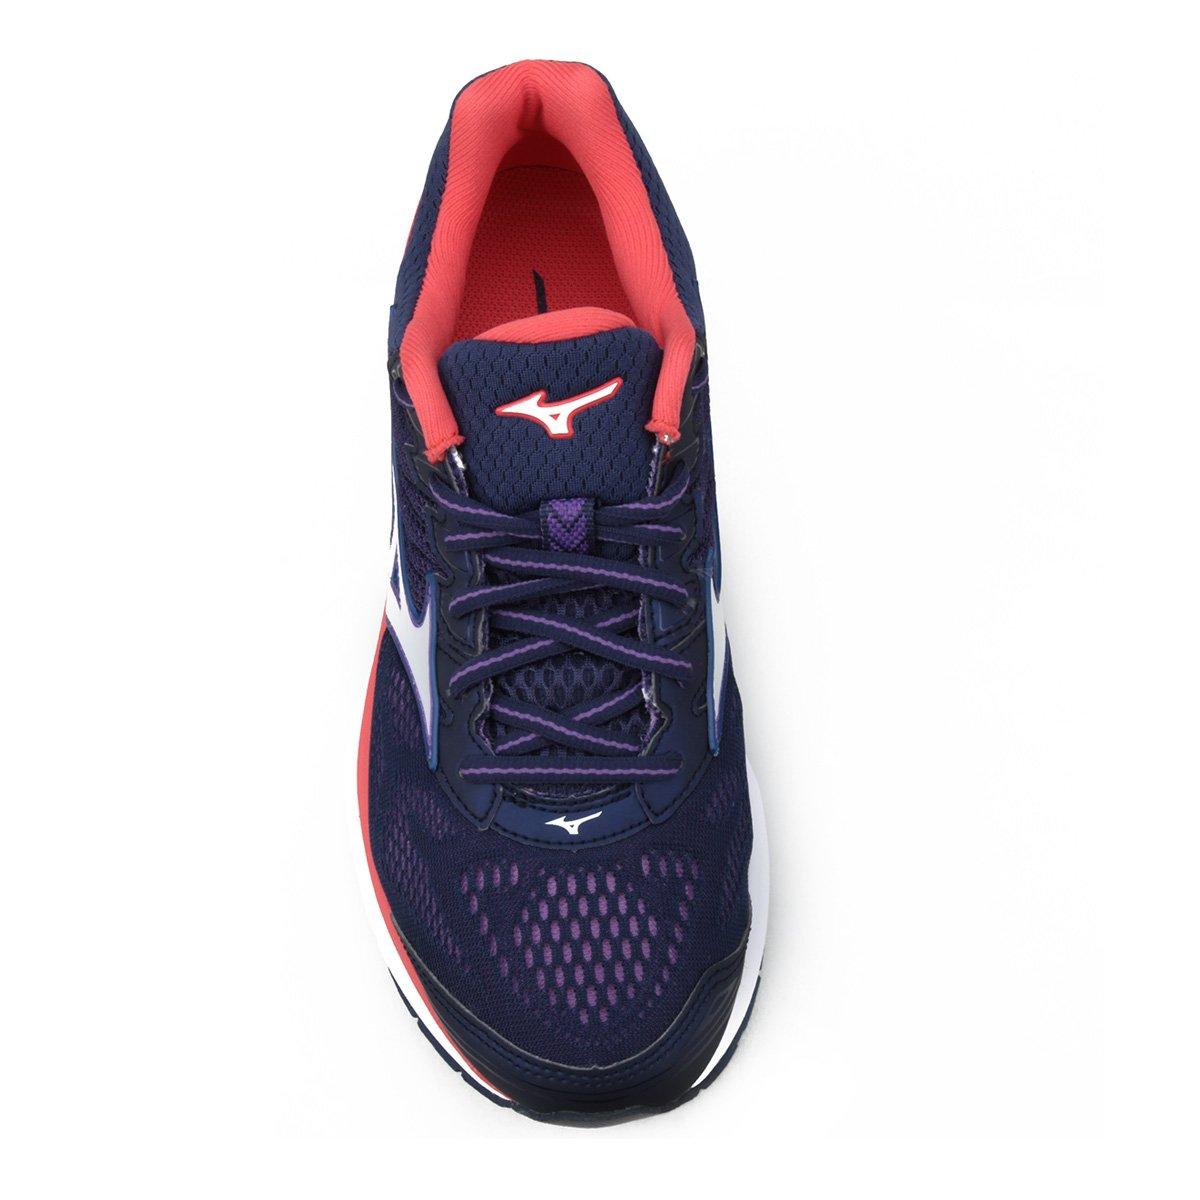 Tênis Mizuno Wave Prorunner 21 Feminino - Azul e Rosa - Compre Agora ... 058d7e8a1f332